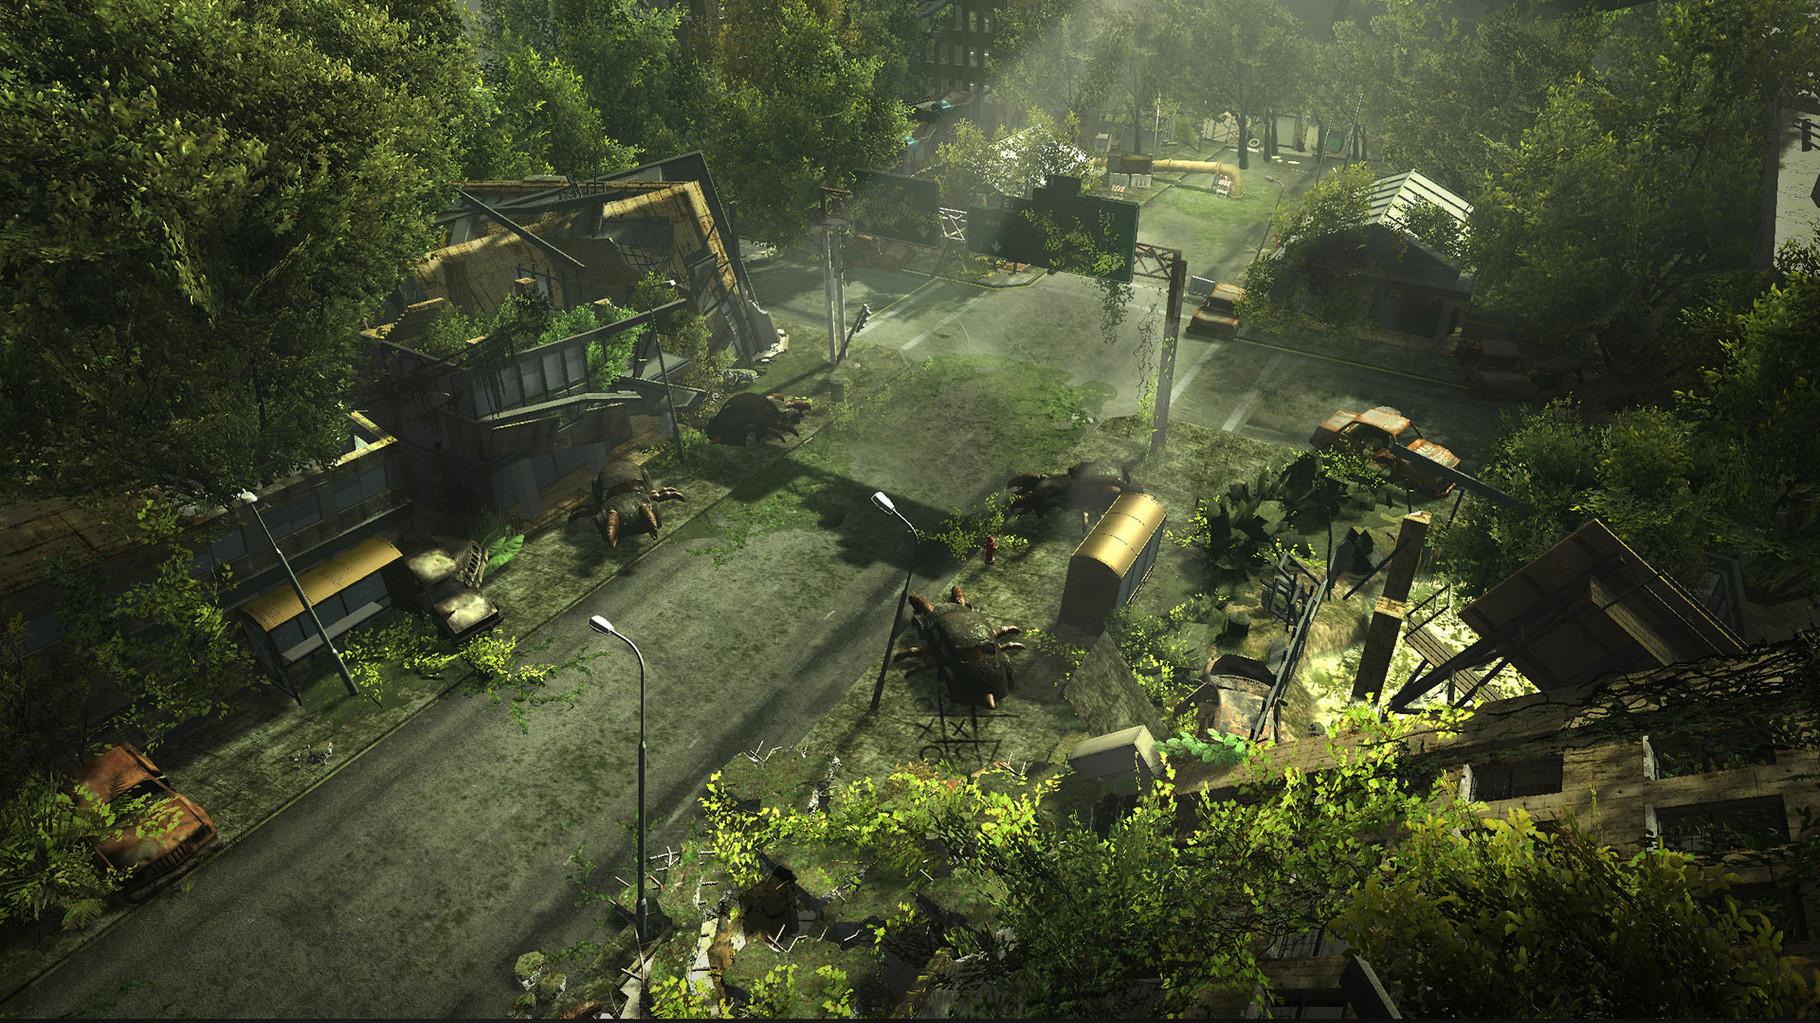 """""""Wasteland"""" (1988) als erstes post-nukleares RPG konnte aufgrund markenrechtlicher Streitigkeiten mit EA nicht zeitnah fortgesetzt werden. """"Wasteland 2"""" erblickt erst 2014 das Licht der verstrahlten Welt, Kickstarter sei Dank."""